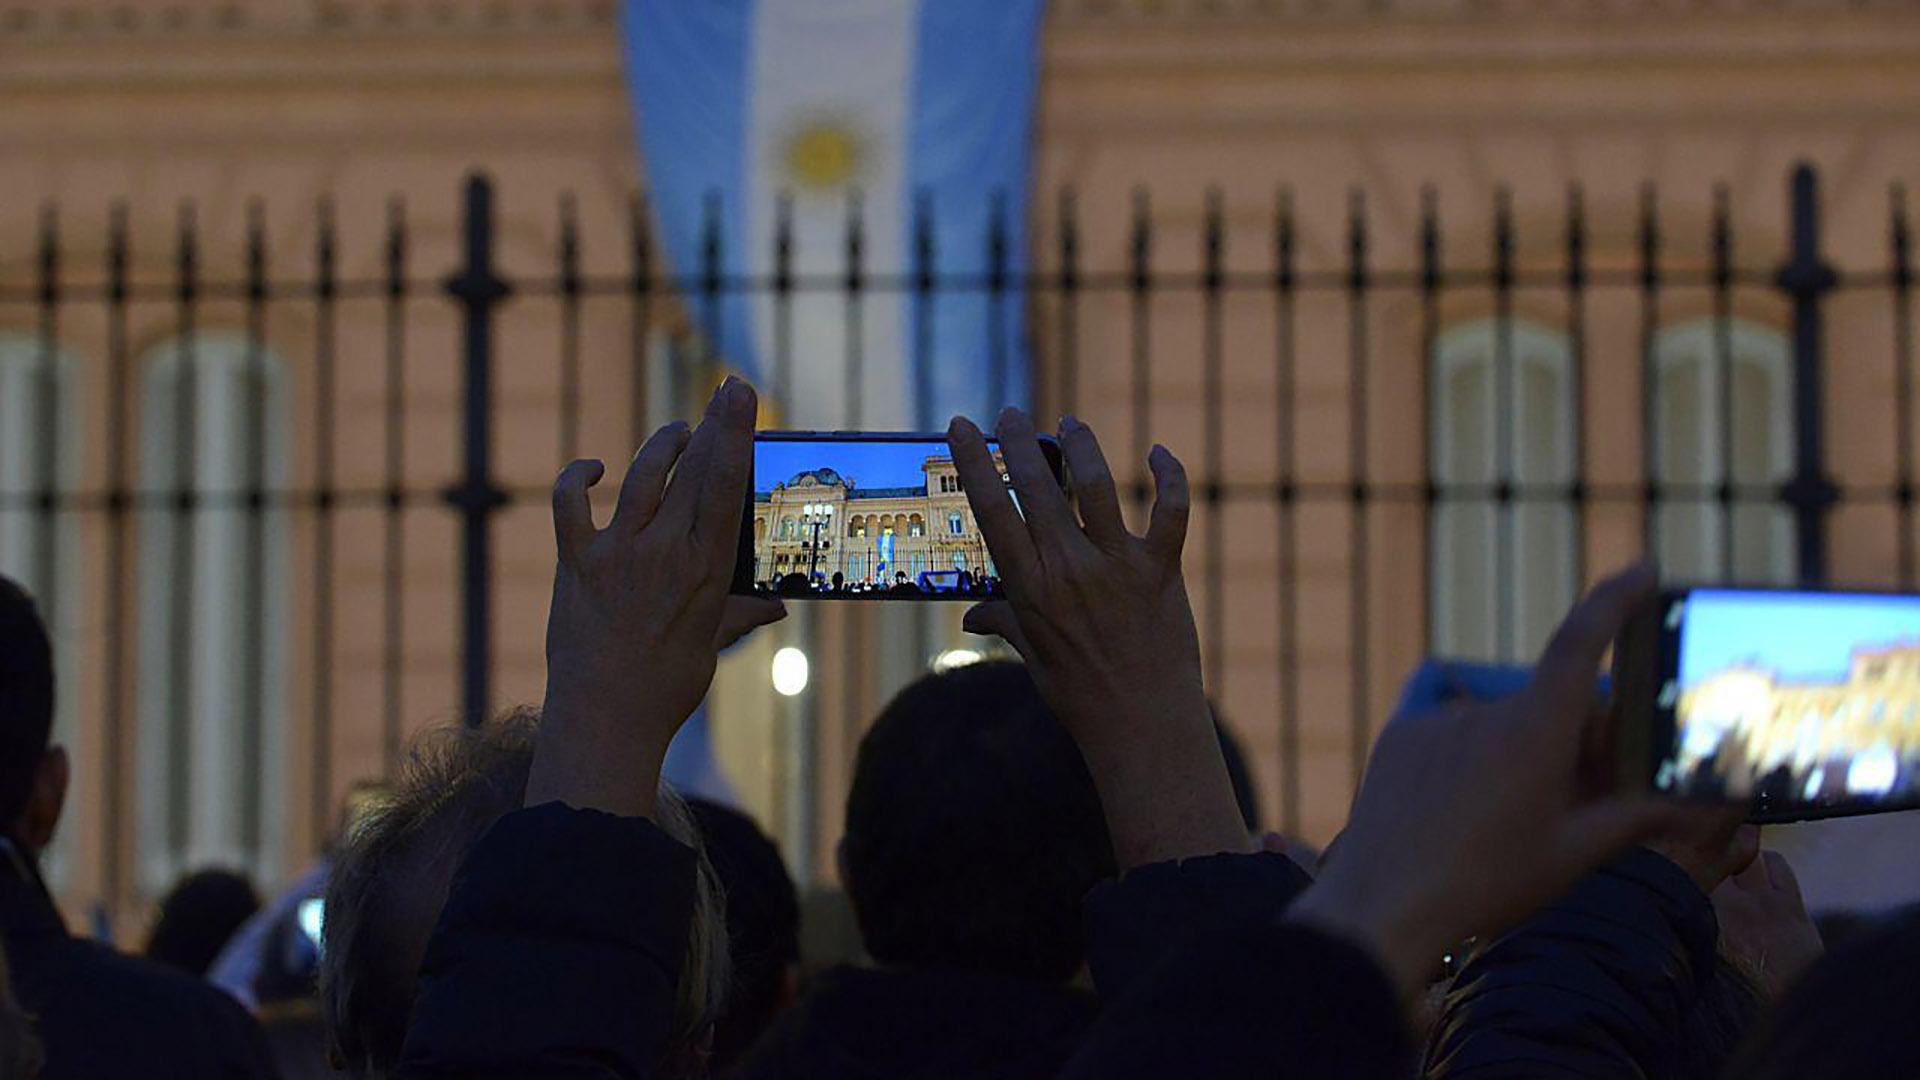 La bandera en el balcón; signo de que Mauricio Macri aparecería en cualquier momento en el balcón